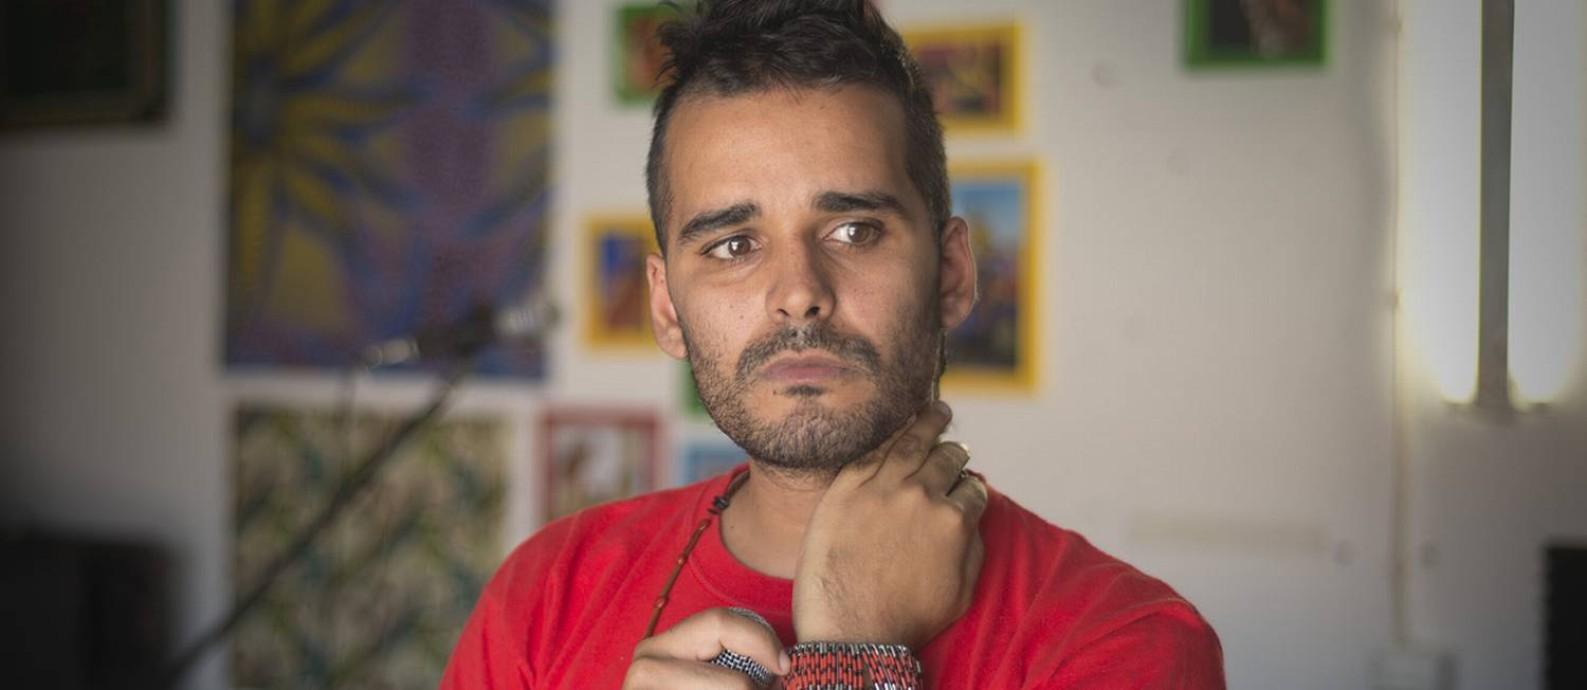 Luaty Beirão, escritor e rapper angolano; ele foi preso diversas vezes sob o governo de José Eduardo dos Santos, que deixou o poder em 2017 Foto: Reprodução